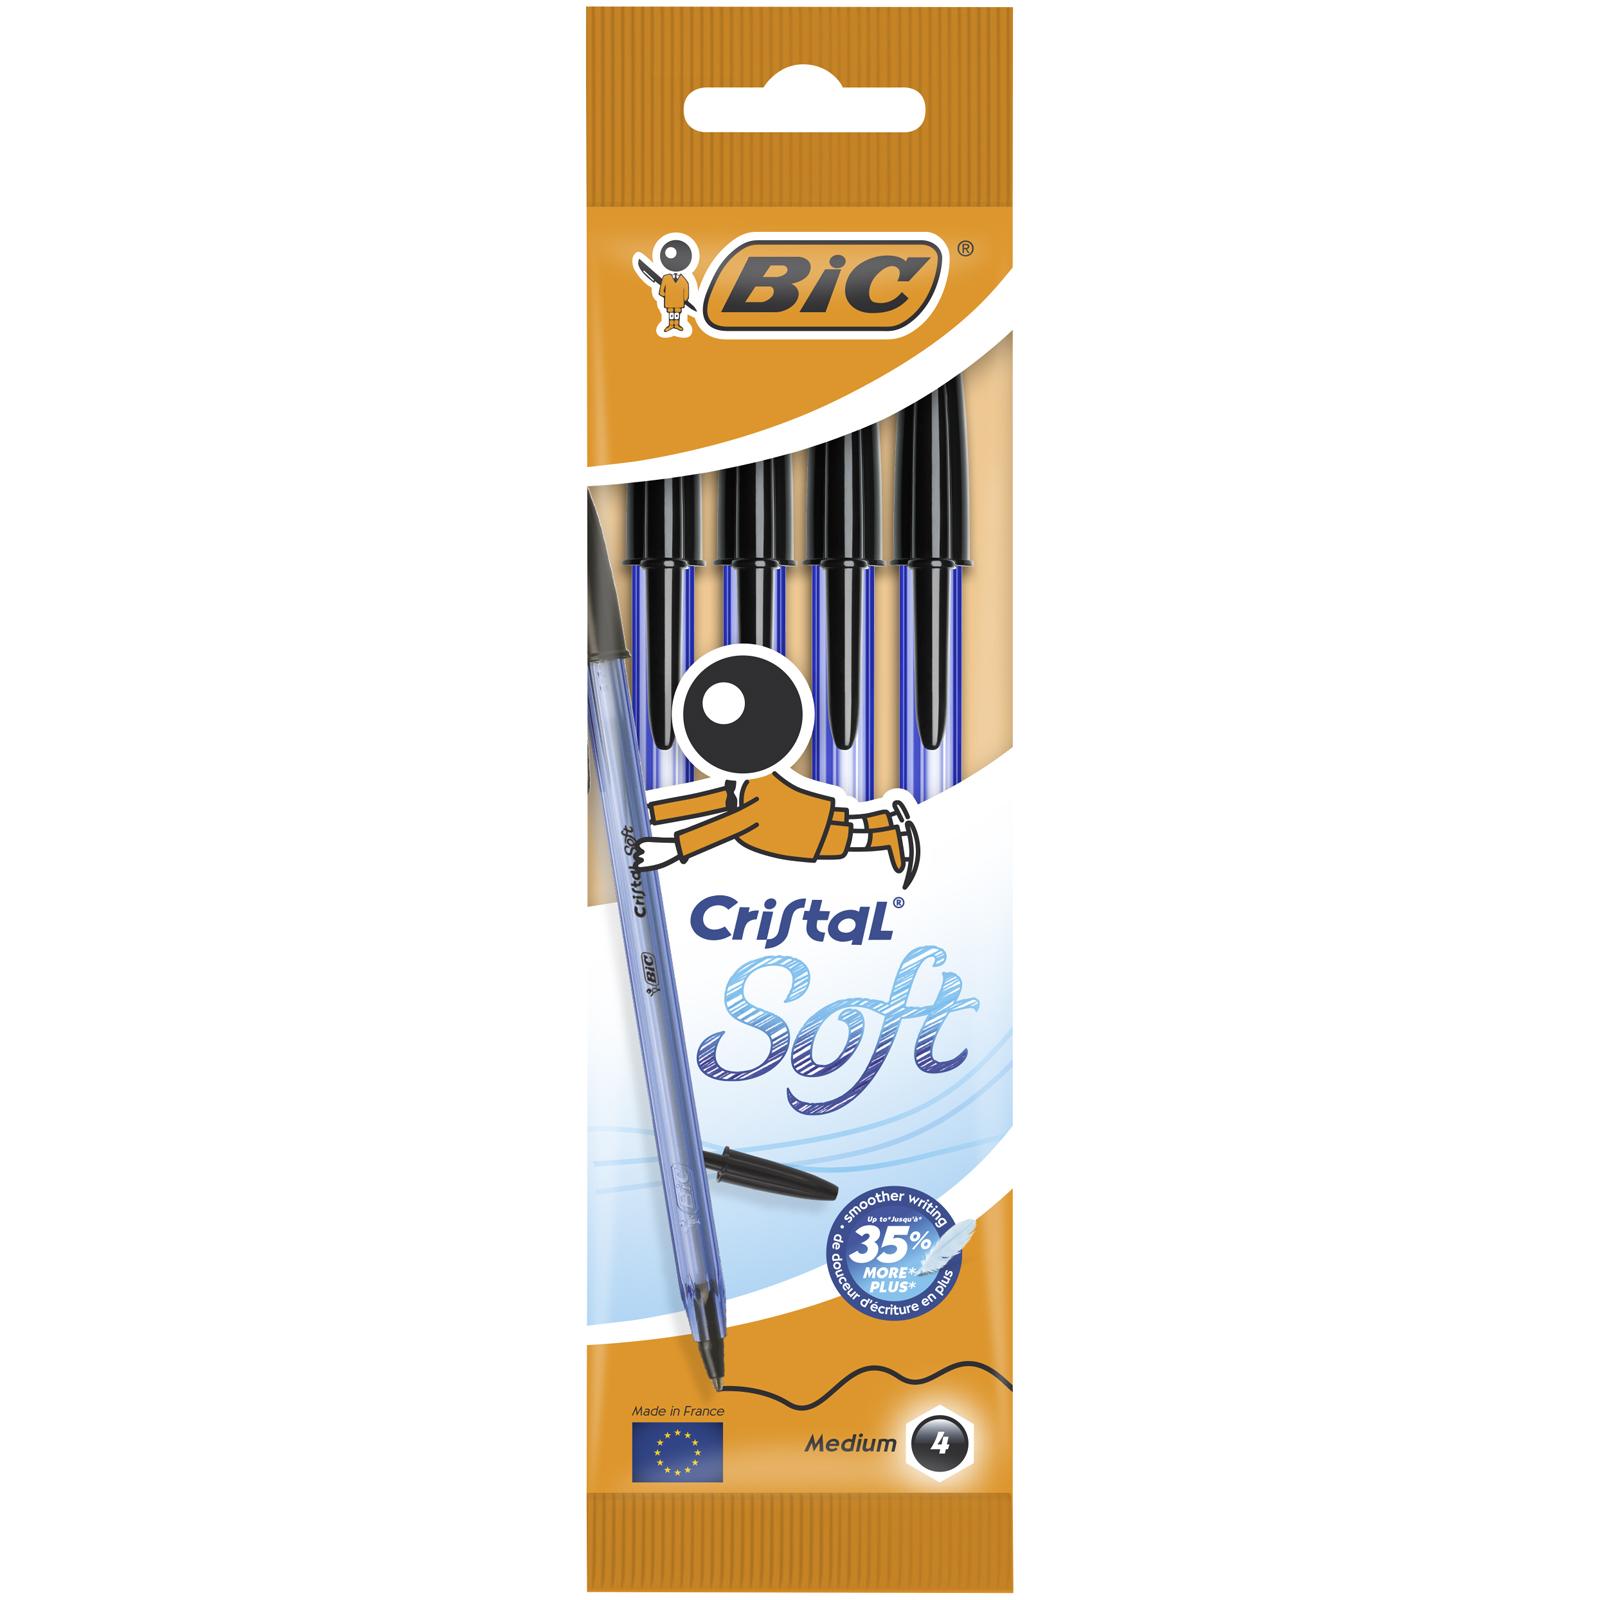 BIC Cristal SOFT - 4 Stylos à bille - noir - 1.2 mm